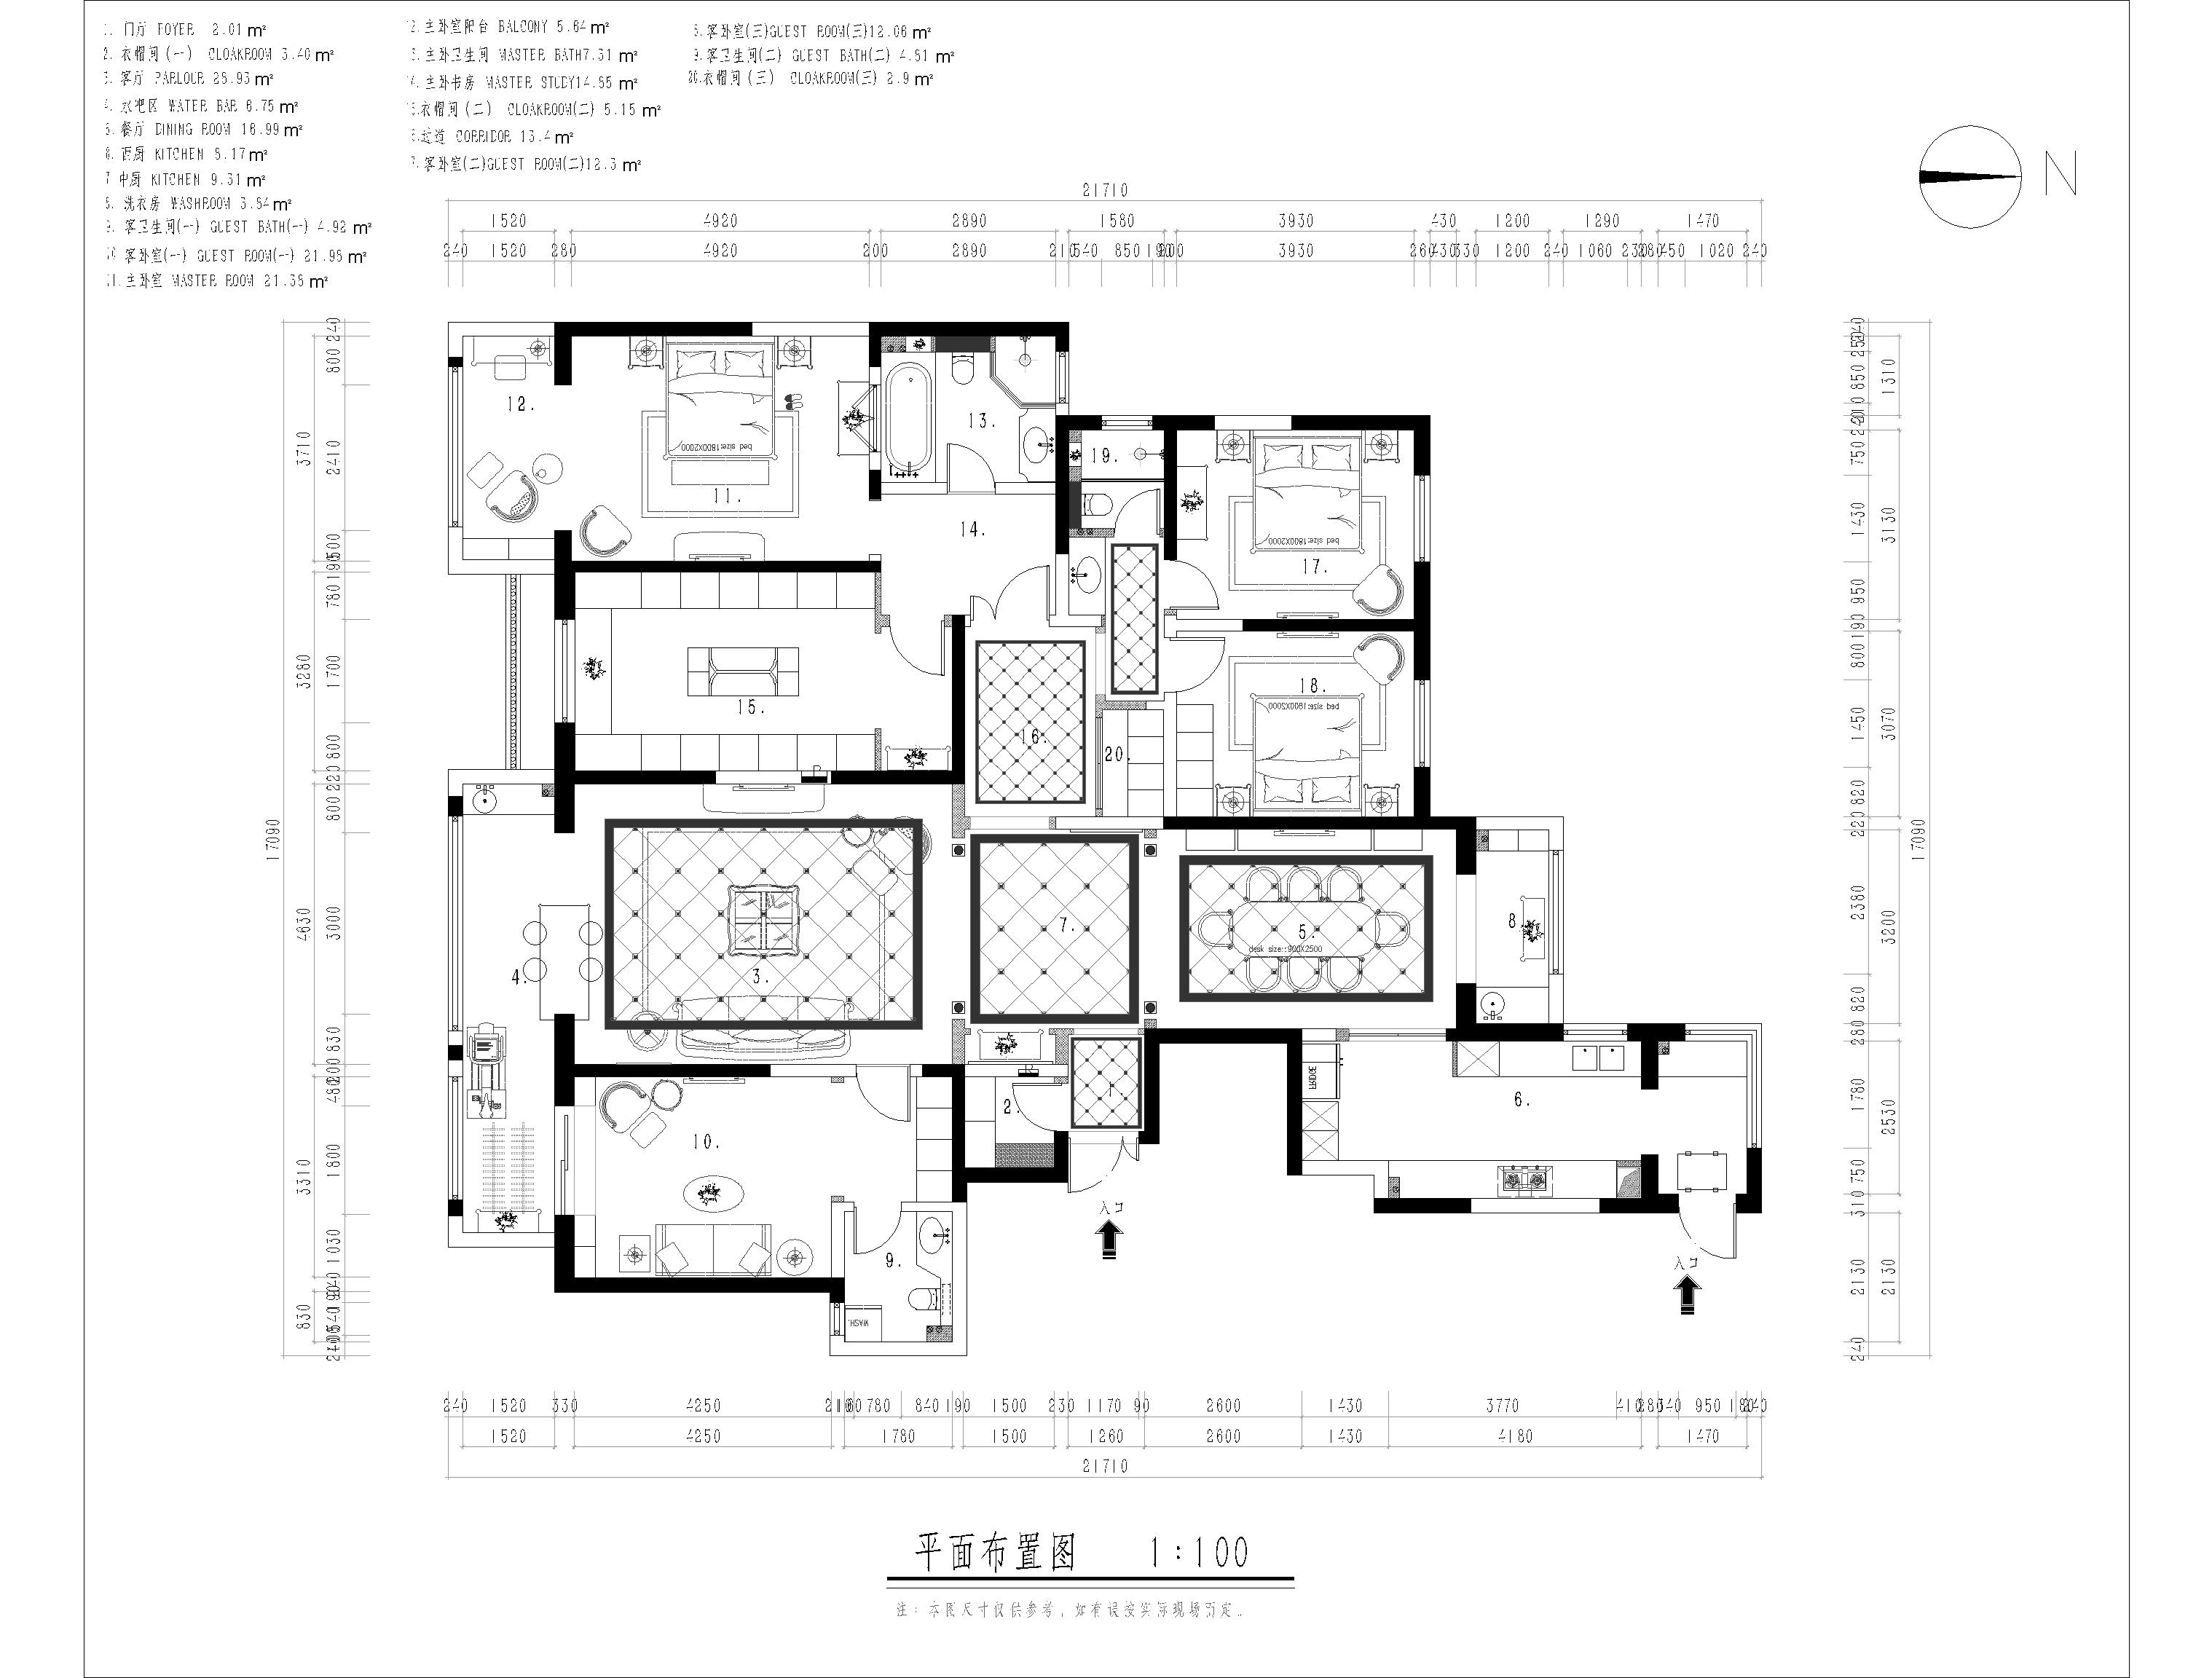 金地湖城大境230平米平层乡村美式风格装修效果图装修设计理念